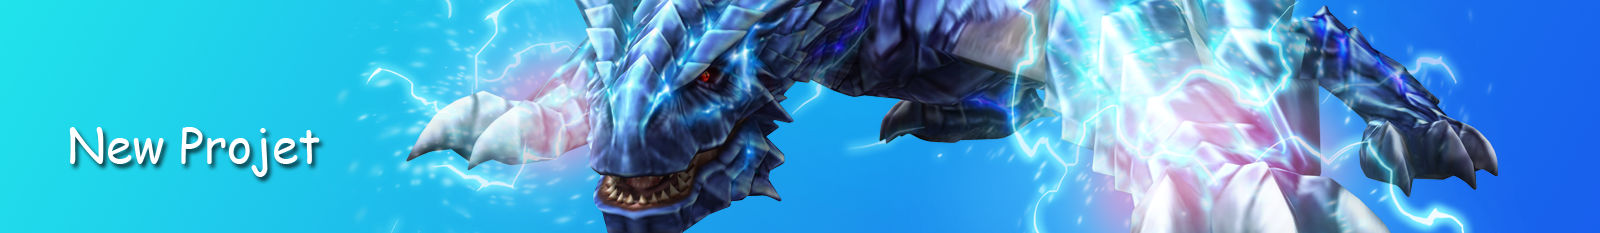 Monster Hunter F GG